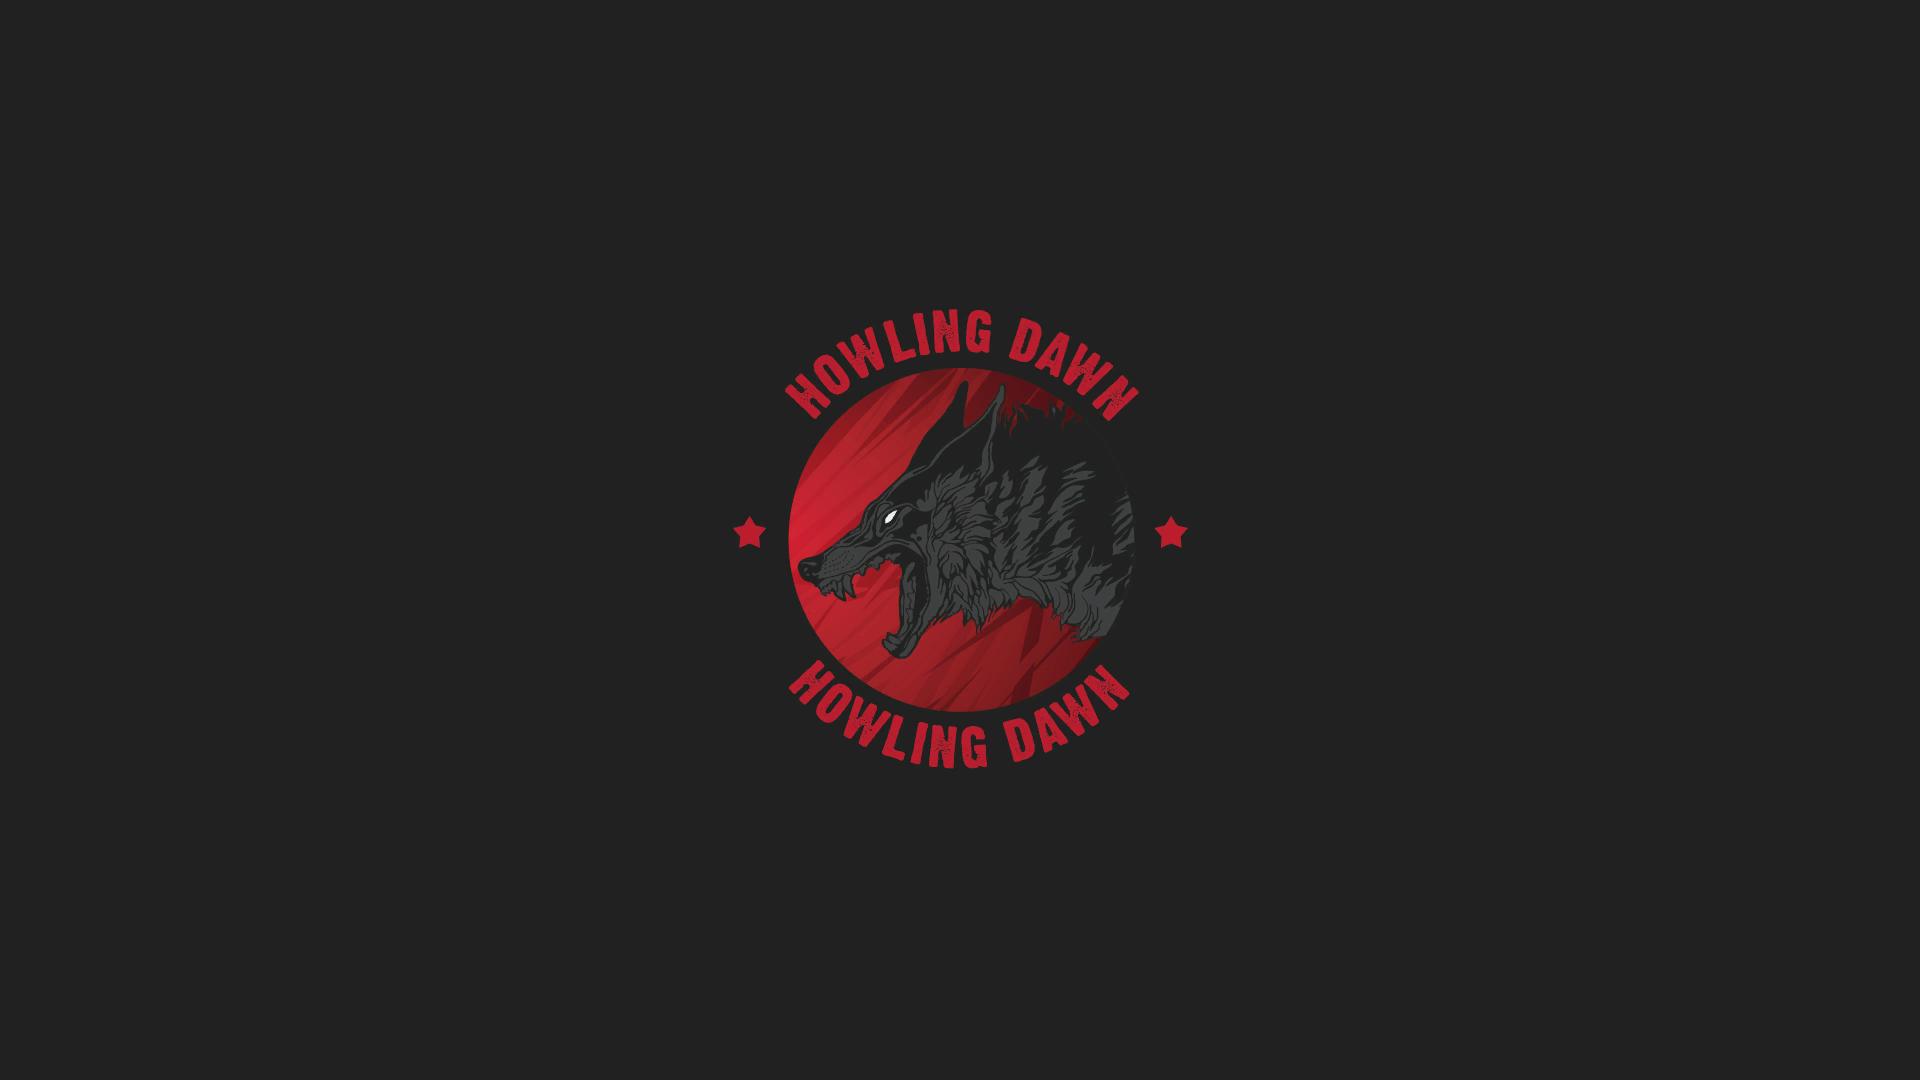 Howling Dawn simple wallpaper   Imgur 1920x1080